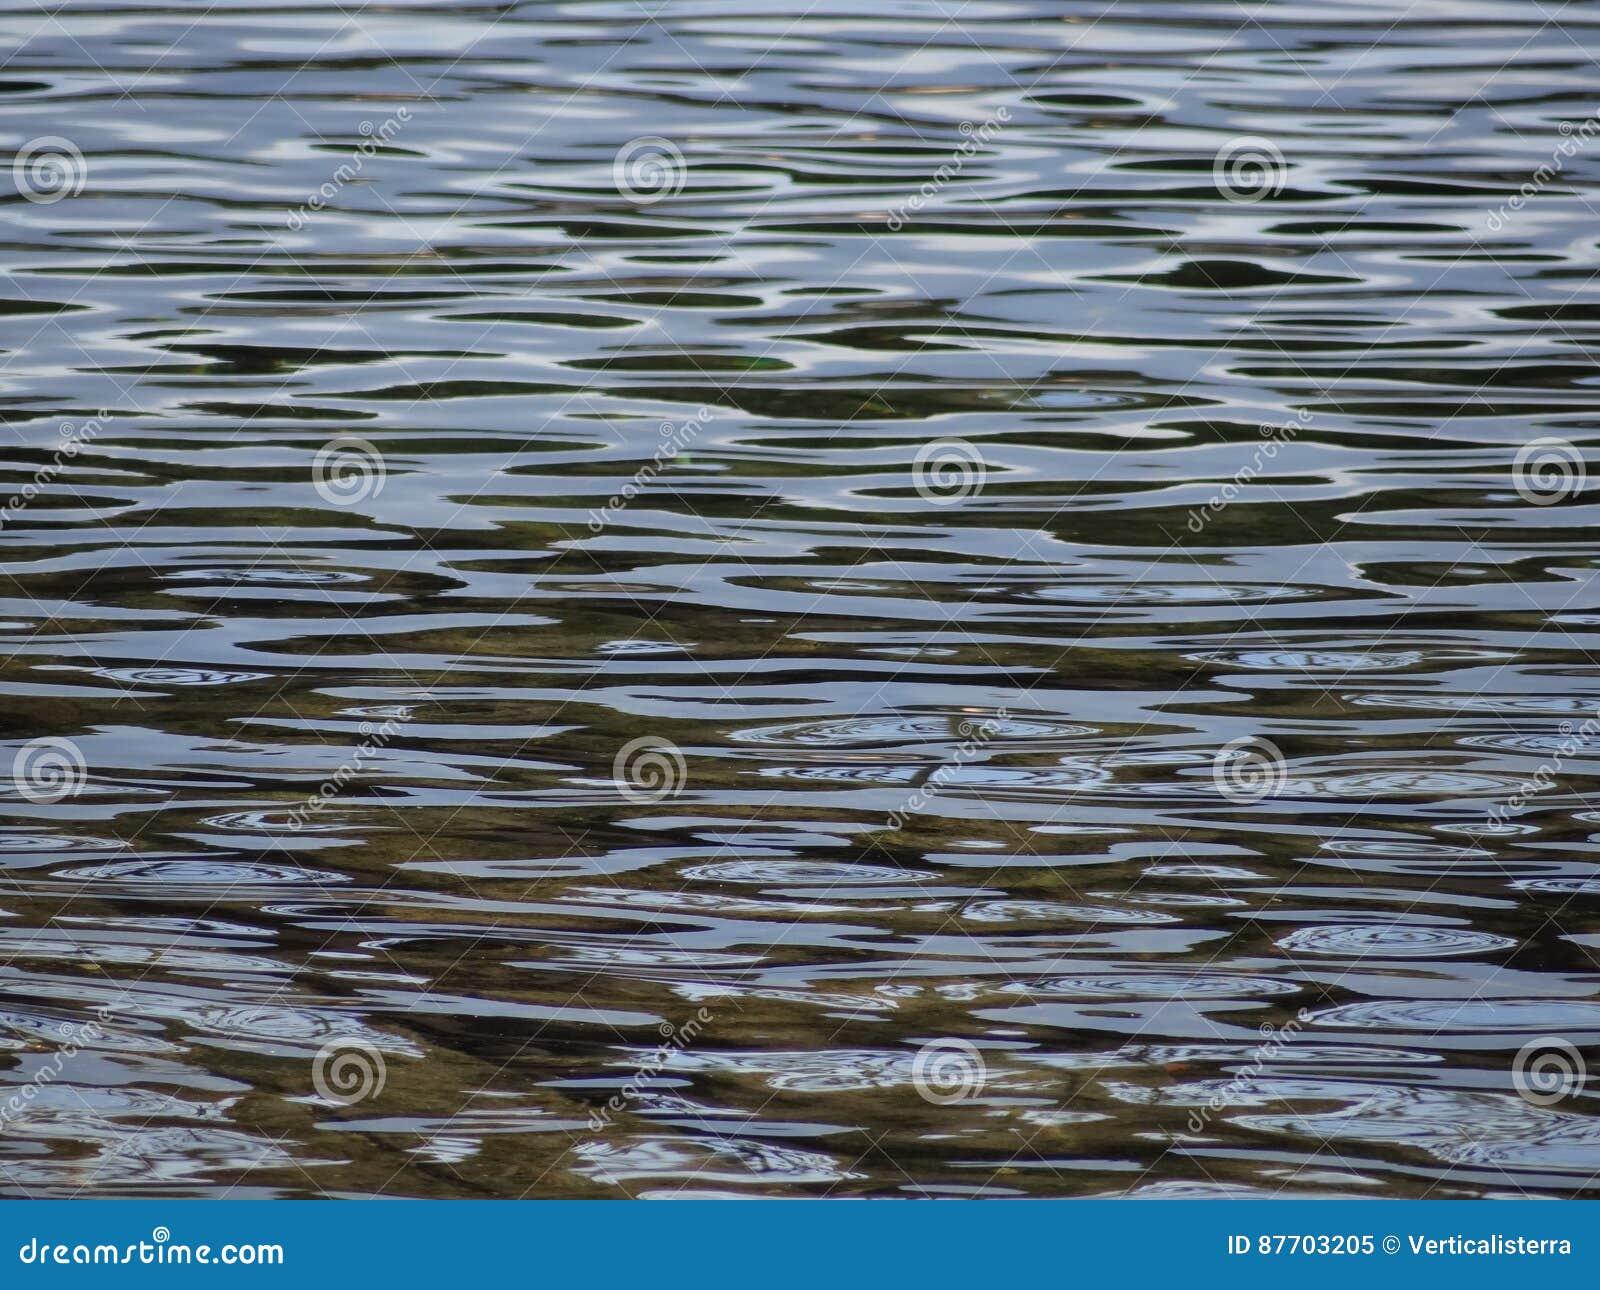 Les ondulations du lac forment comme une danse